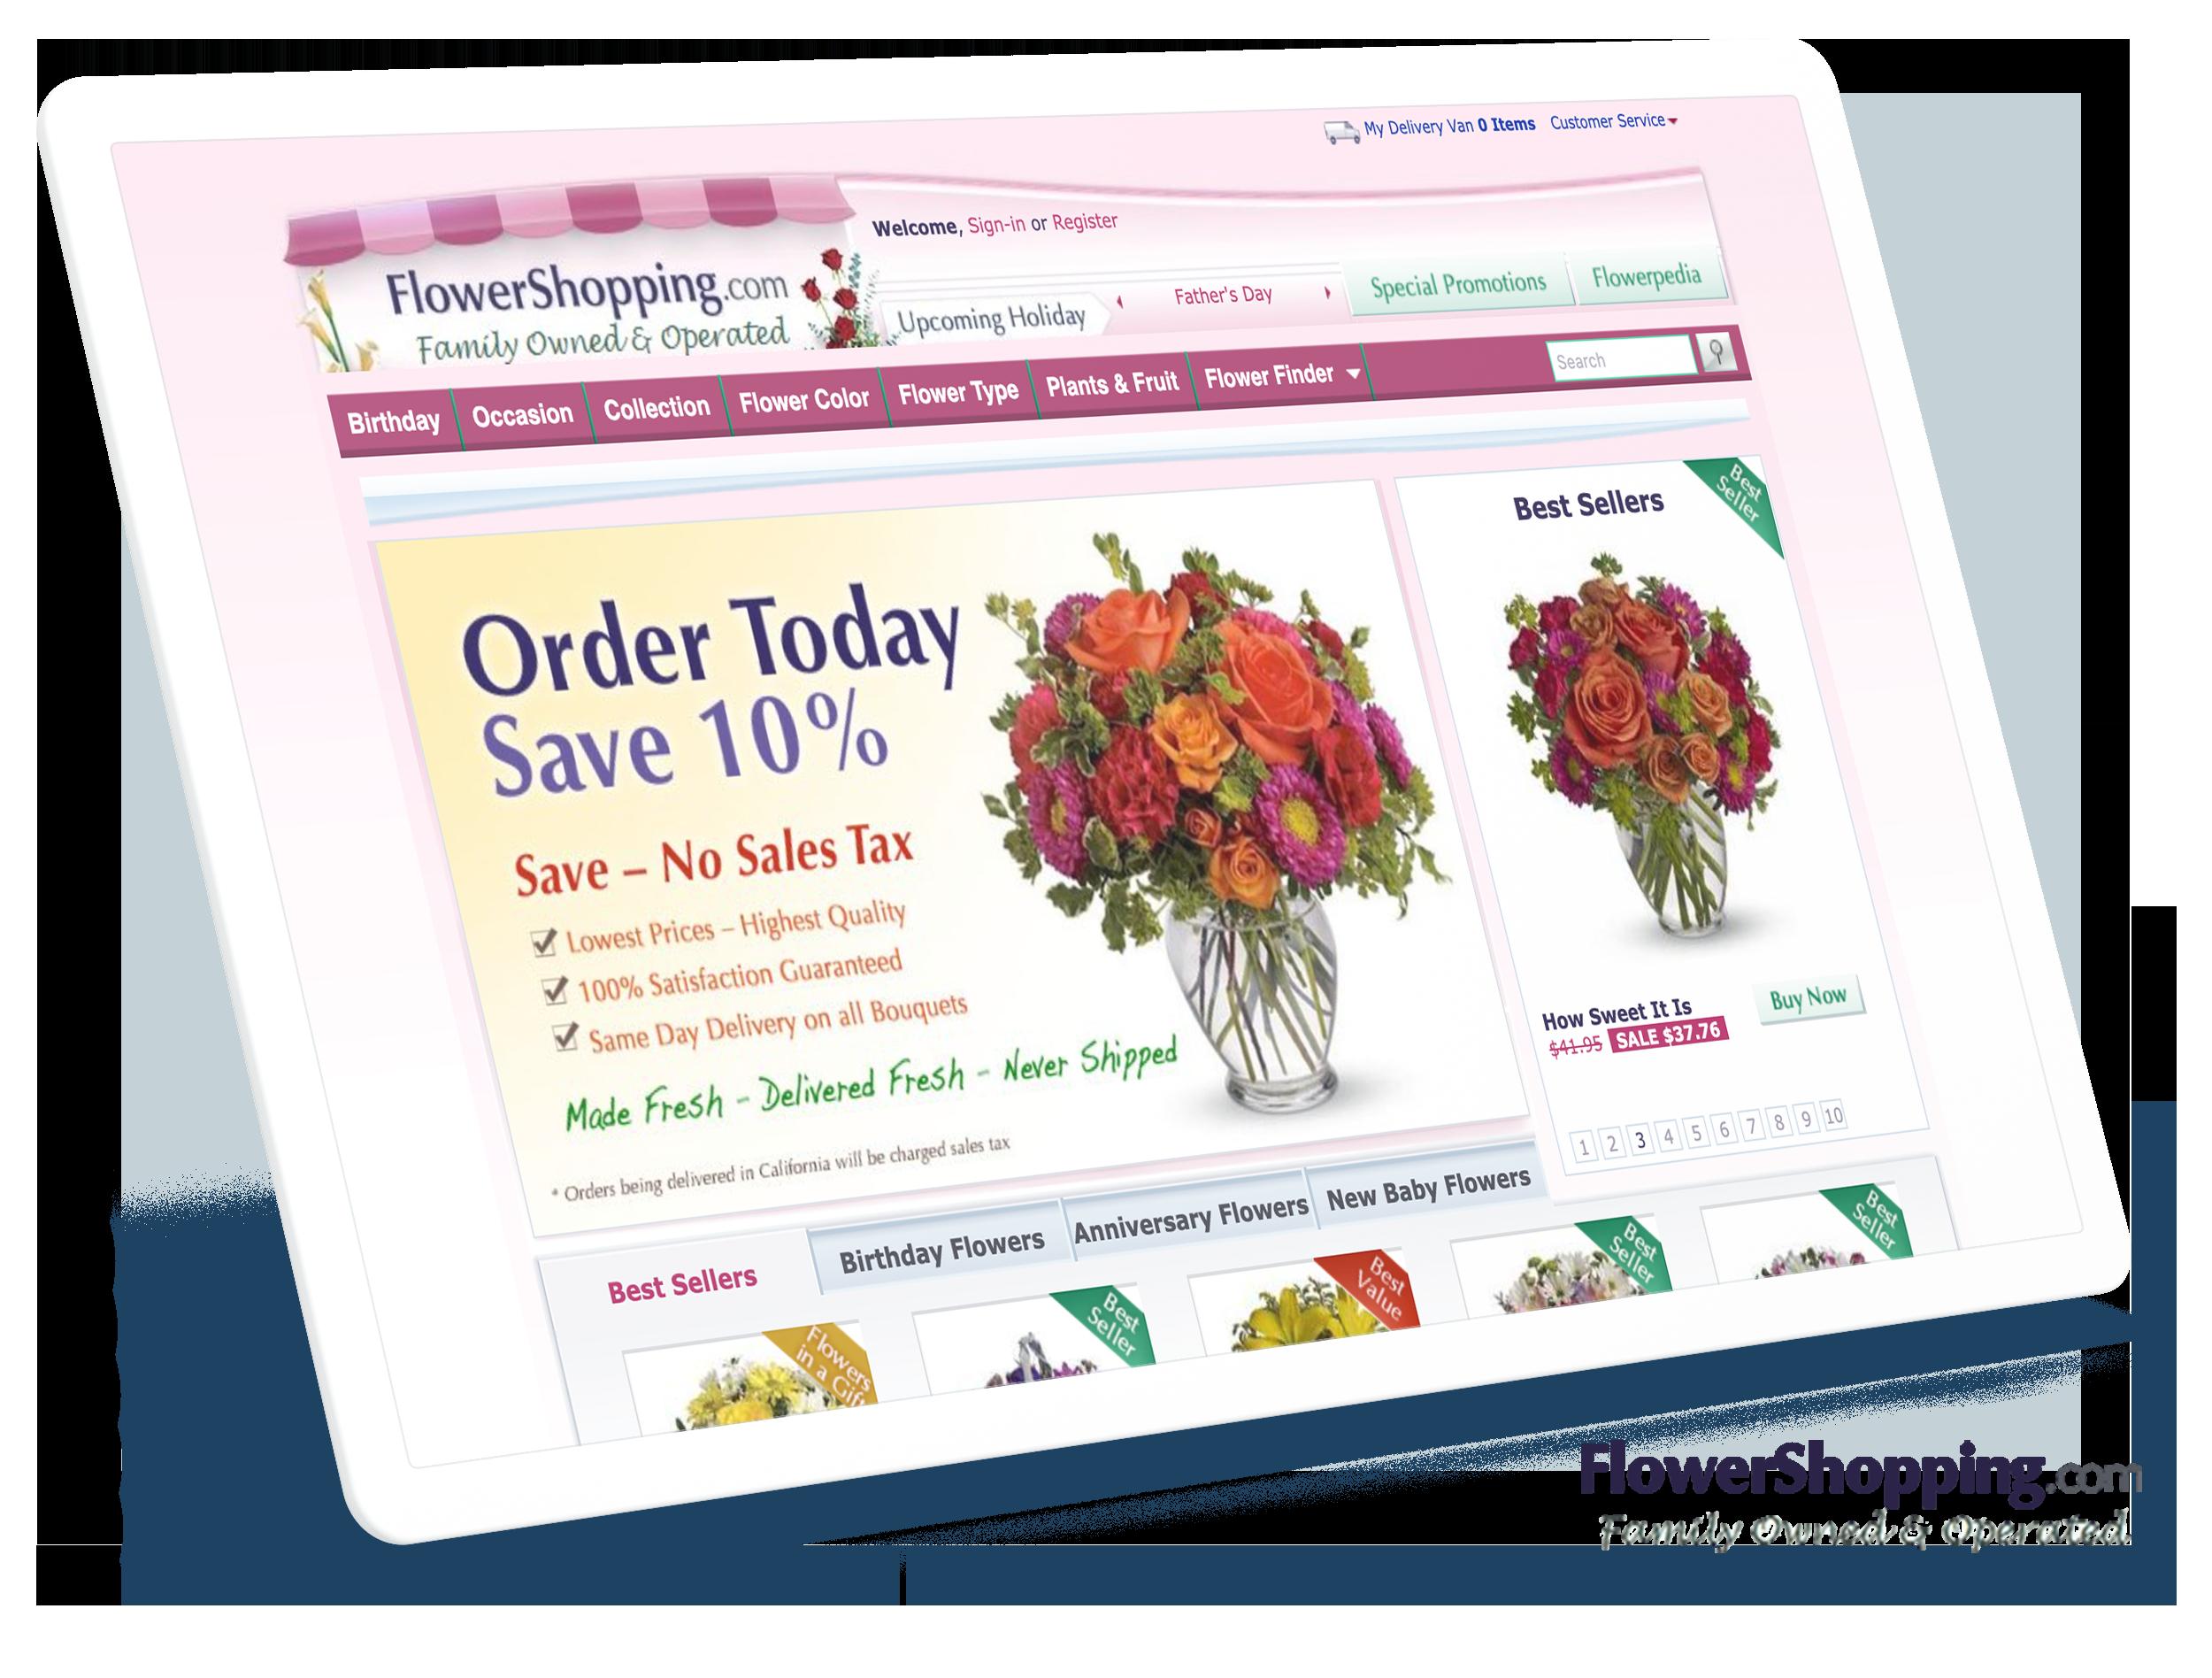 Flowershopping.com Screens